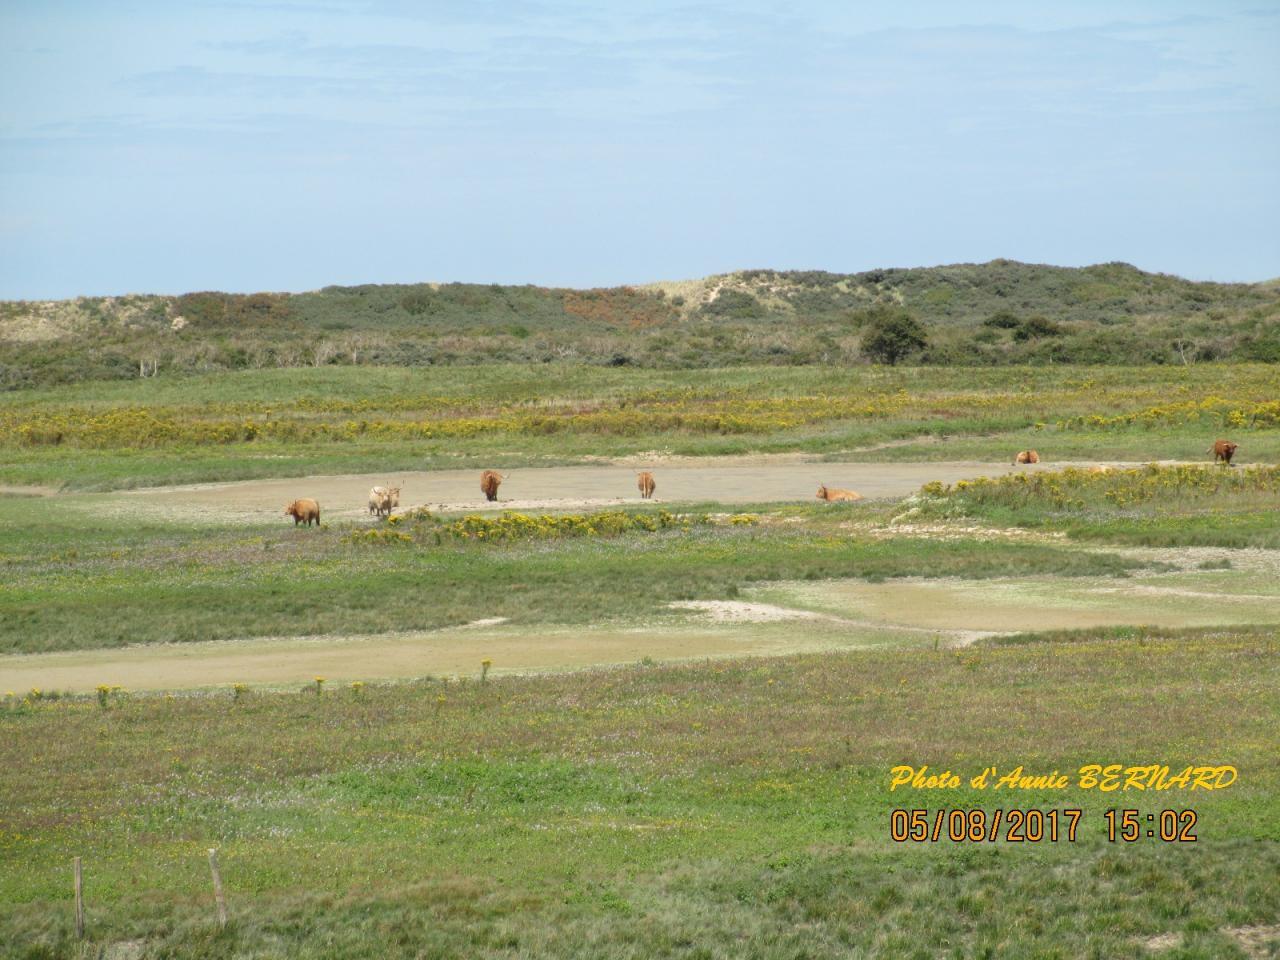 Animaux en liberté sur la réserve naturelle de Oye-Plage